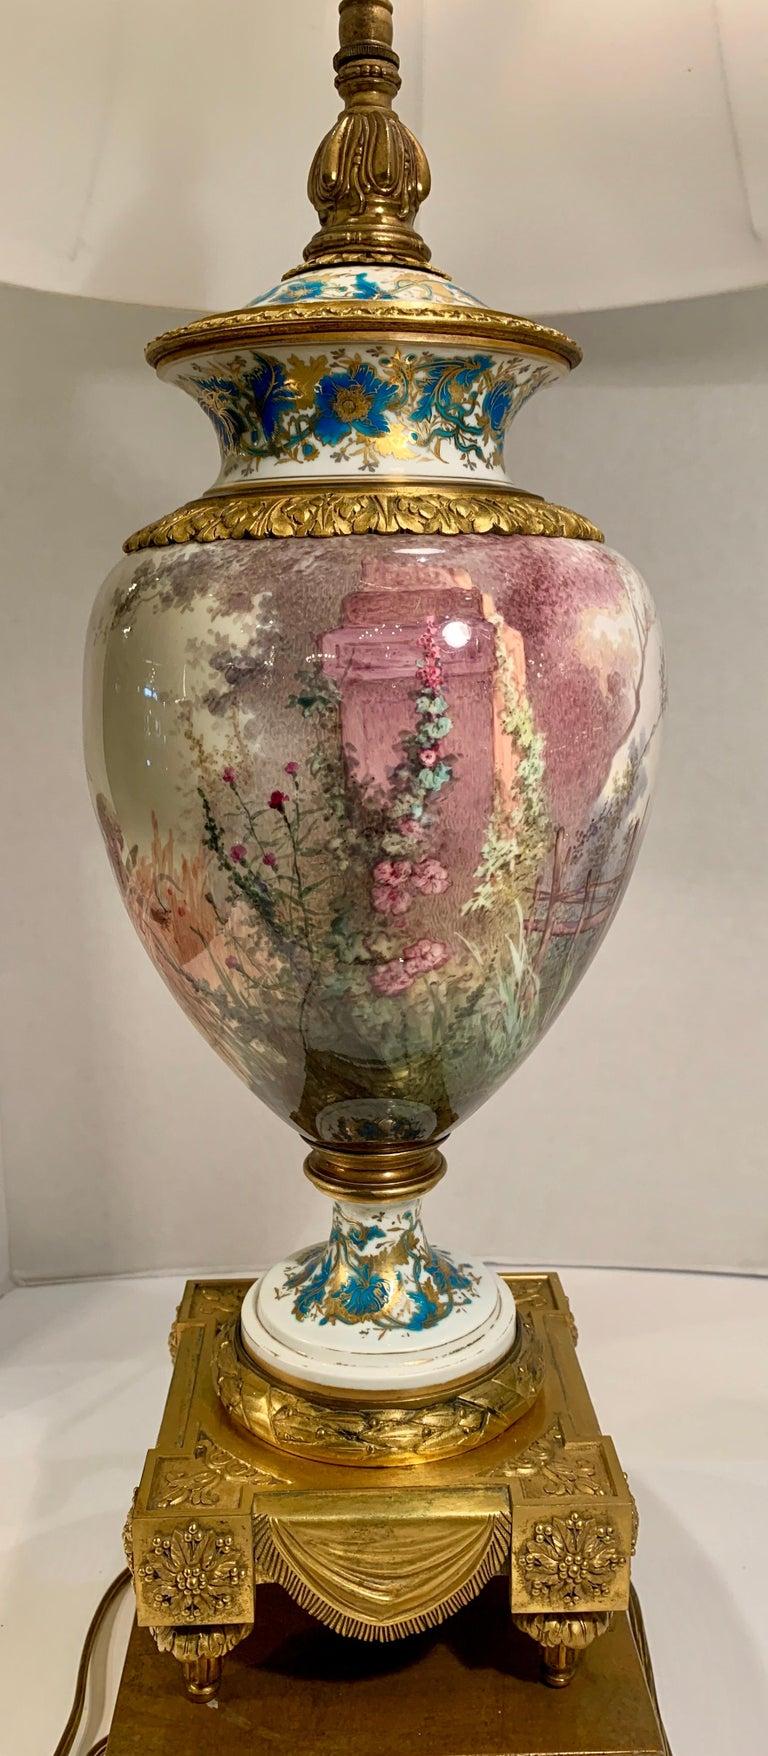 Antique Paris Sevres Louis XVI Style Gilt Bronze Charles Labarre Lamps 3